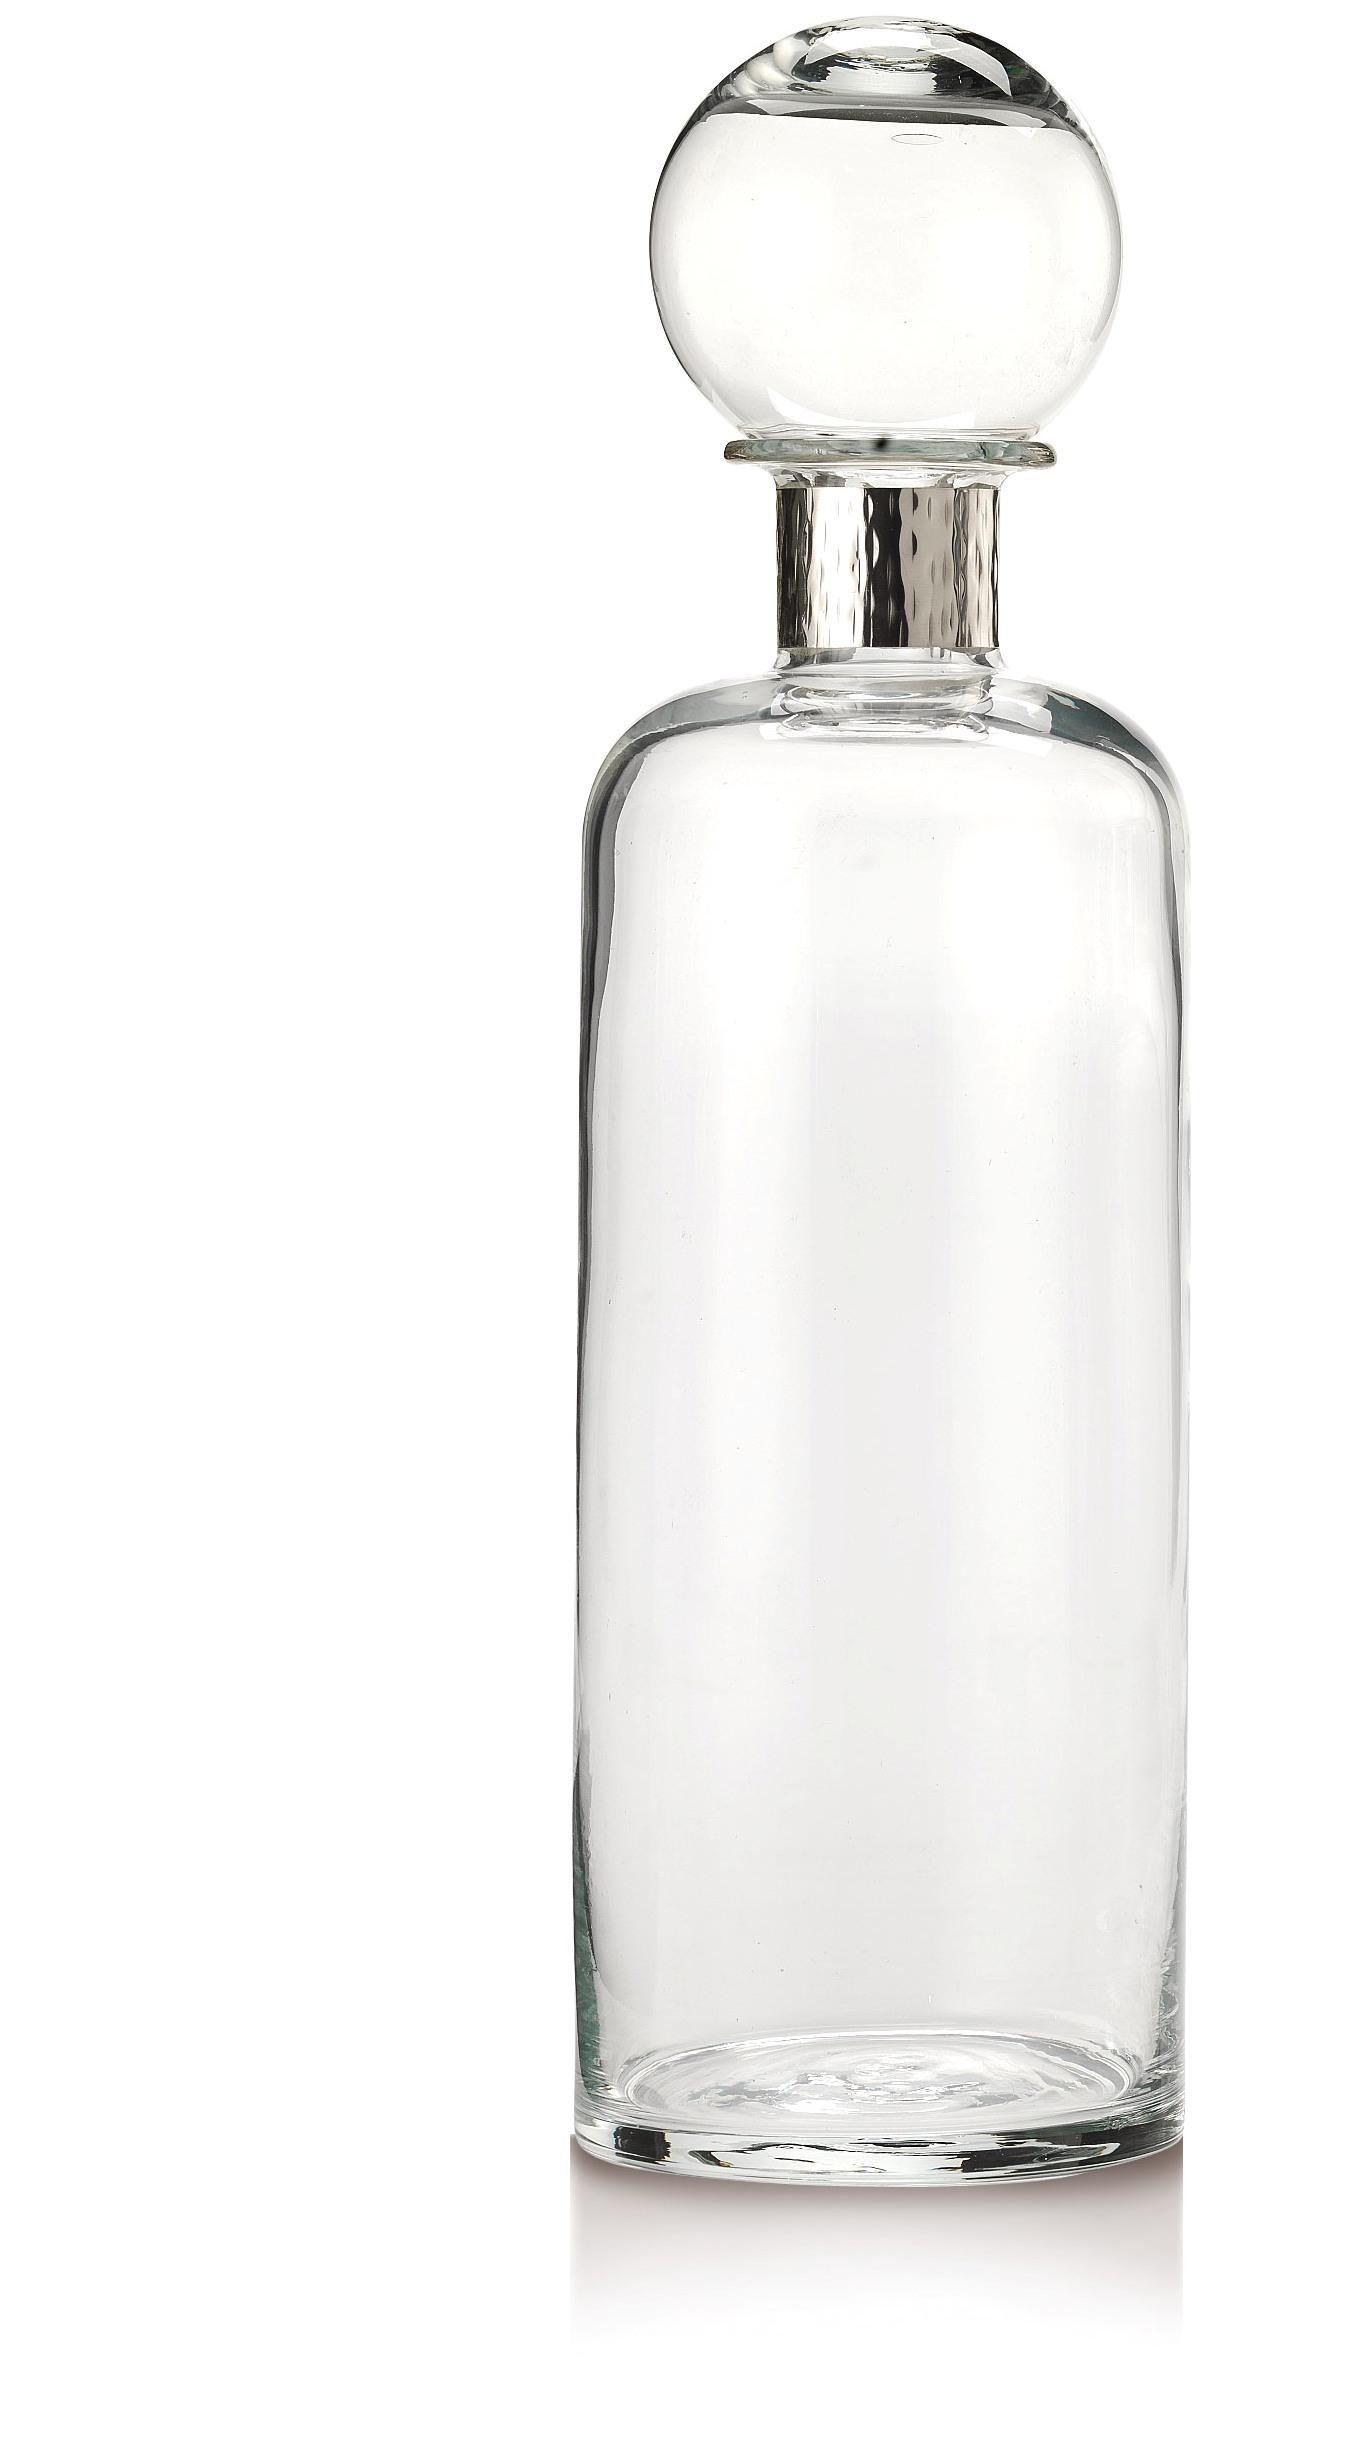 Bottiglia con collare in argento